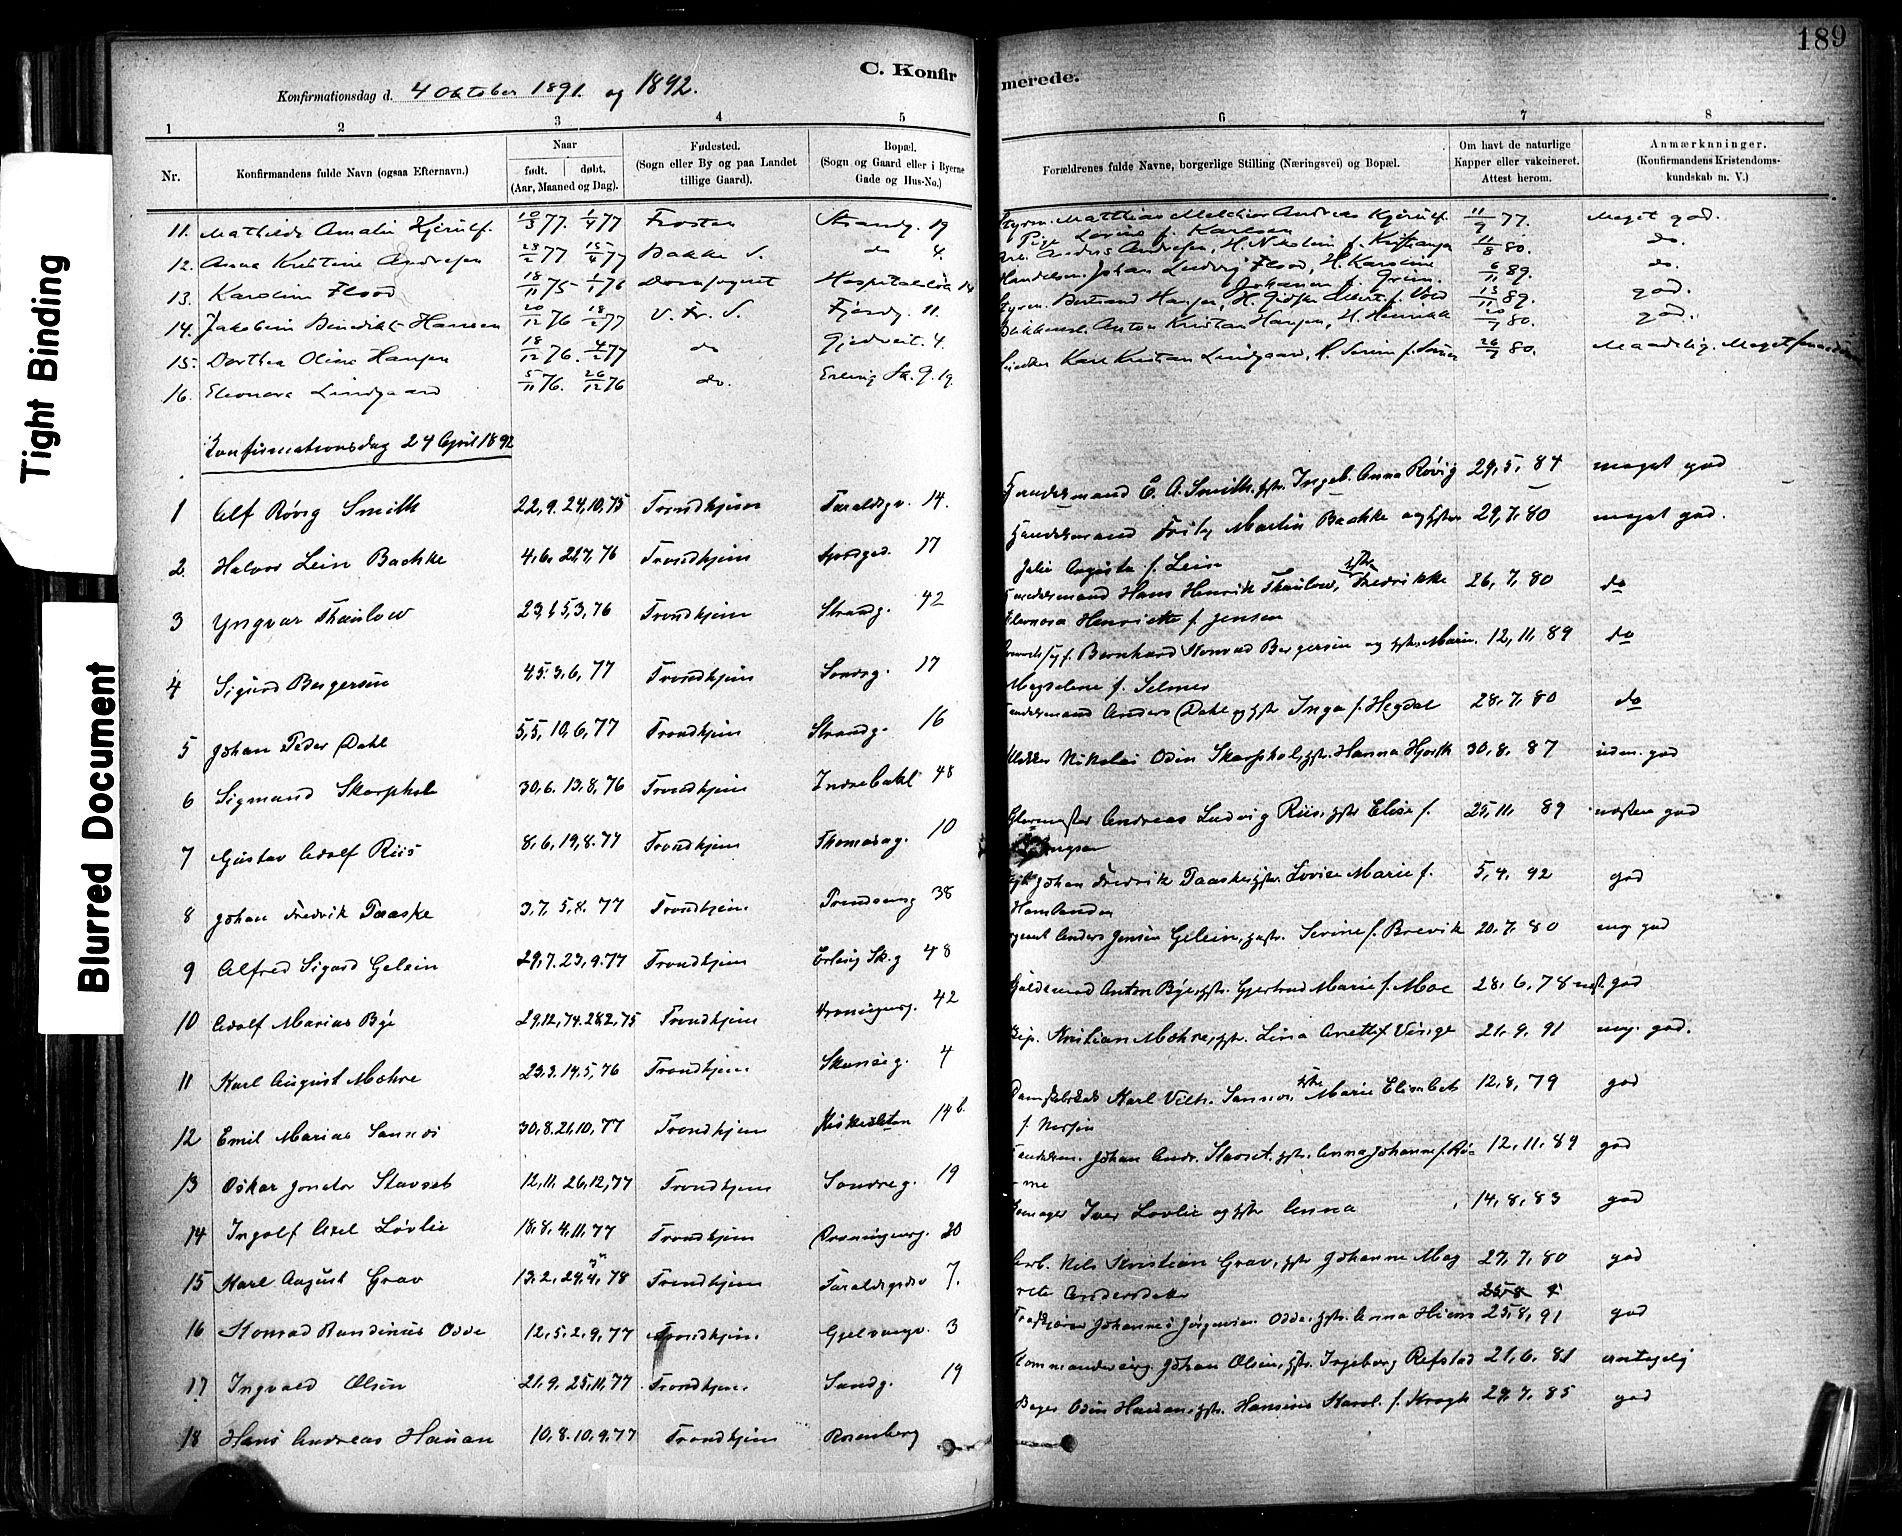 SAT, Ministerialprotokoller, klokkerbøker og fødselsregistre - Sør-Trøndelag, 602/L0119: Ministerialbok nr. 602A17, 1880-1901, s. 189